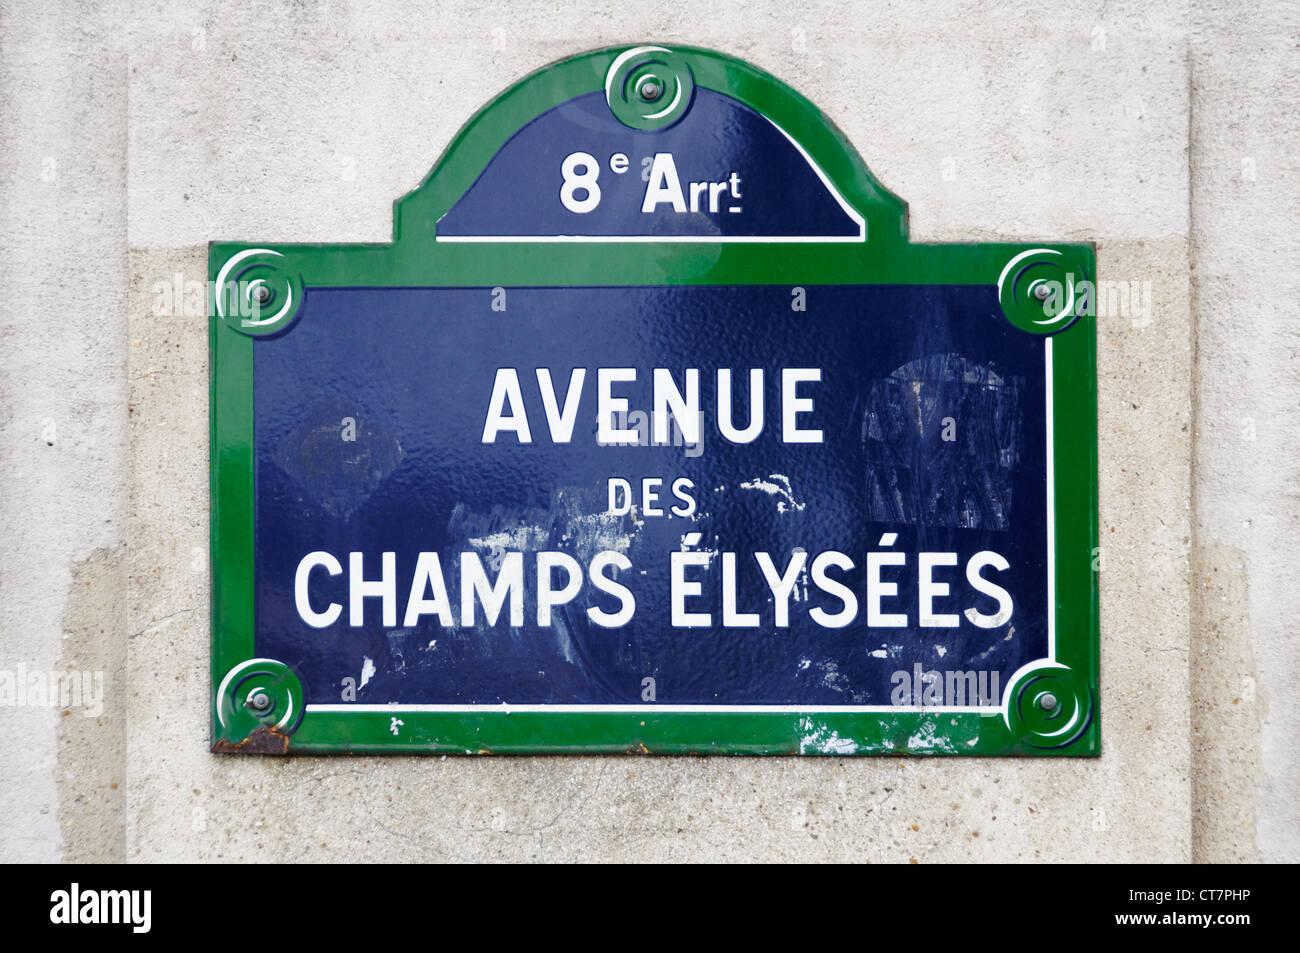 Avenue des Champs Elysées street sign in Paris, France - Stock Image